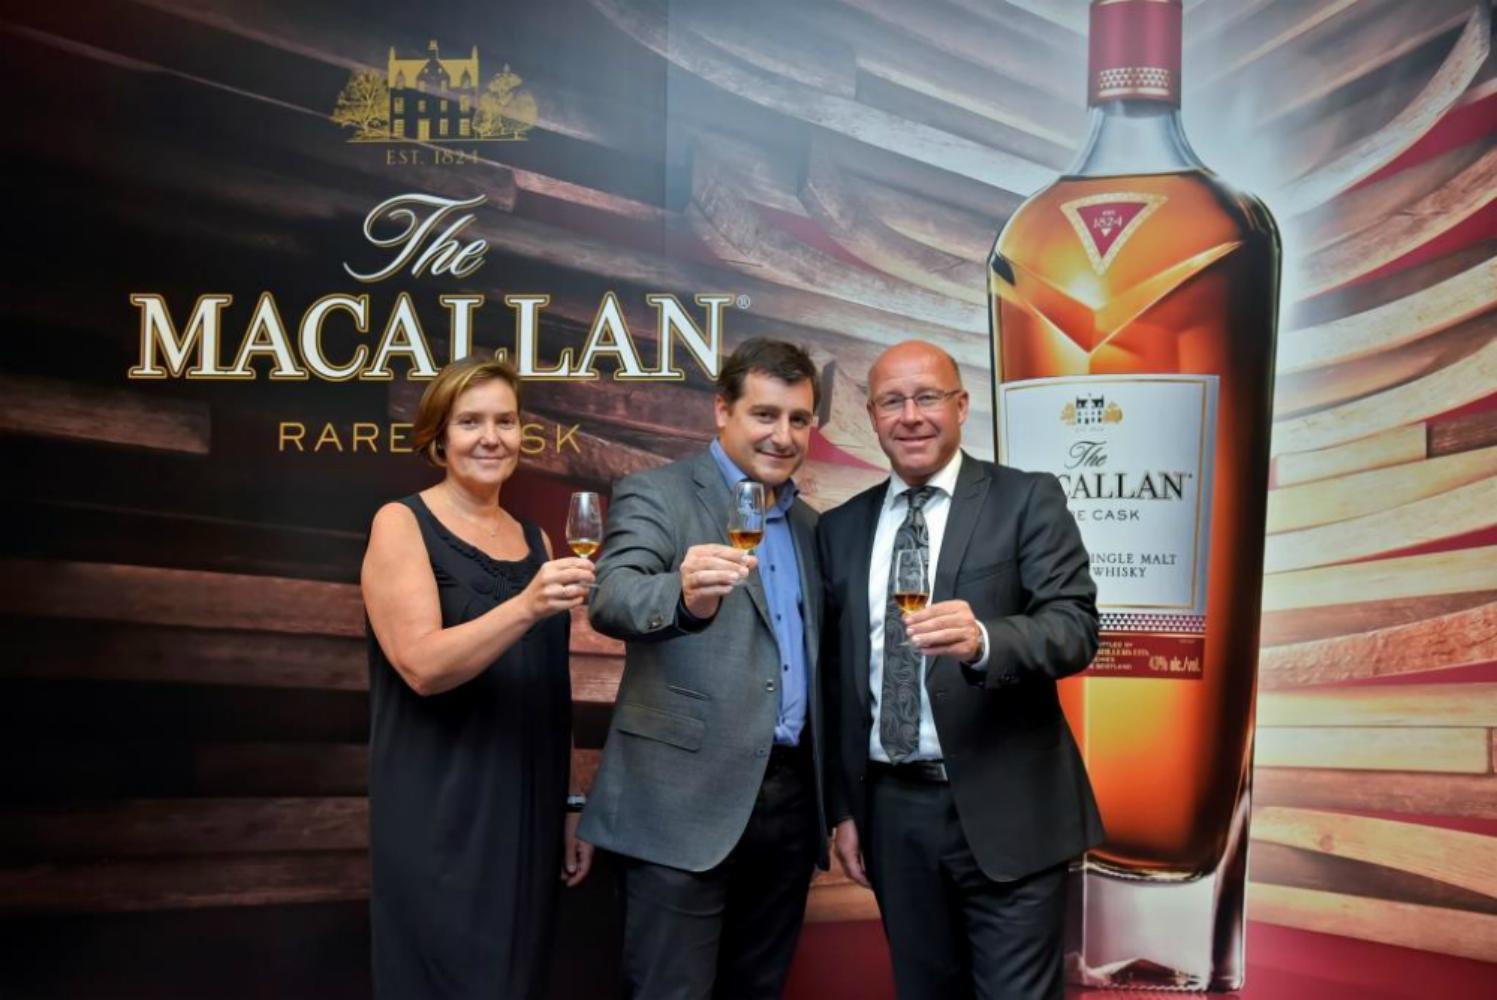 Presentación del nuevo whisky de la destilería The Macallan